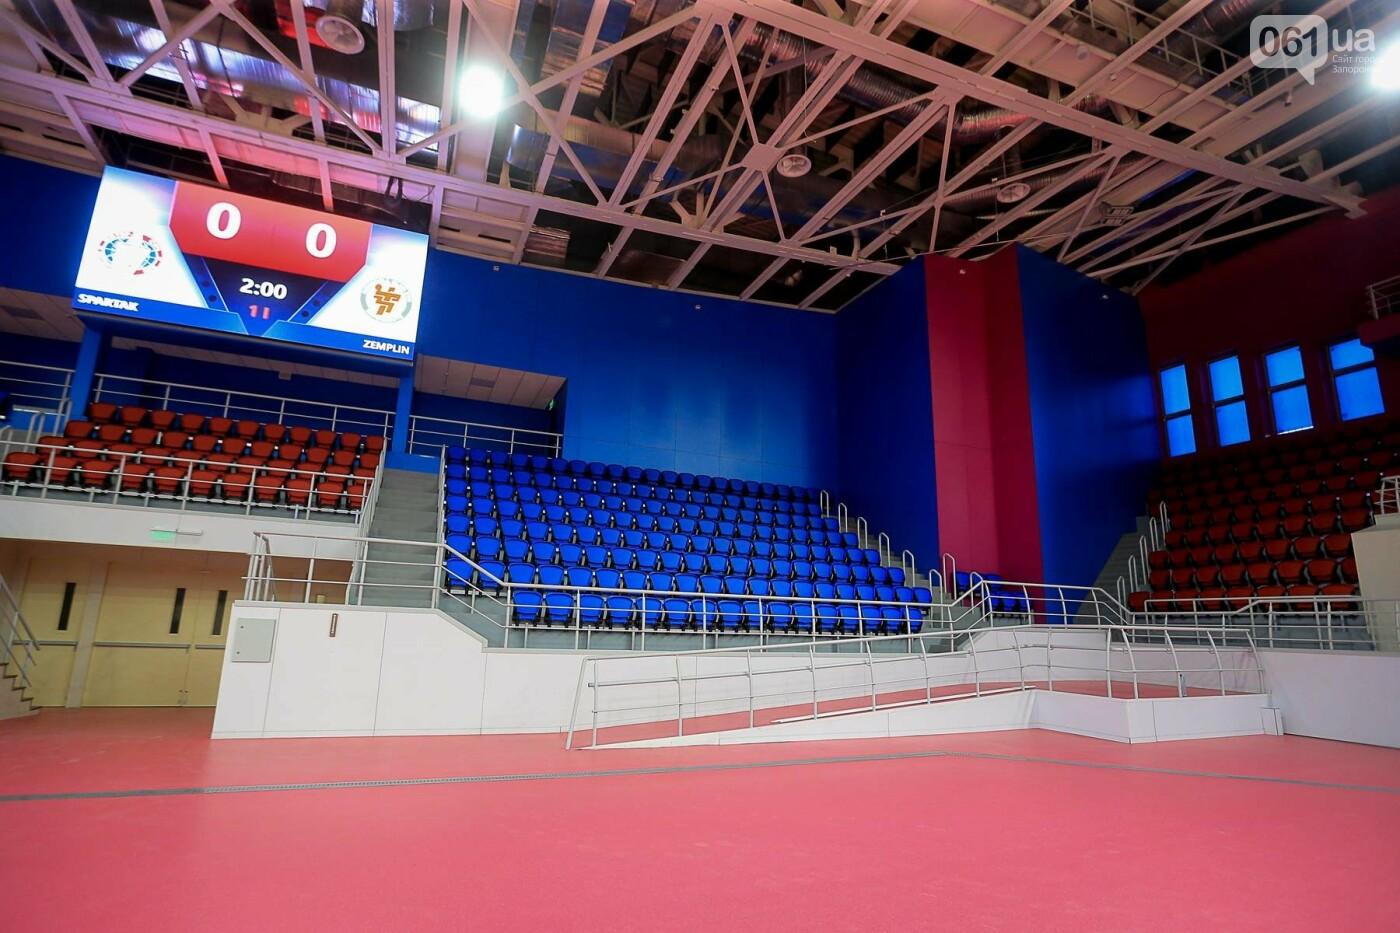 Представители Европейской гандбольной федерации проинспектировали запорожскую «Юность», - ФОТО, фото-10